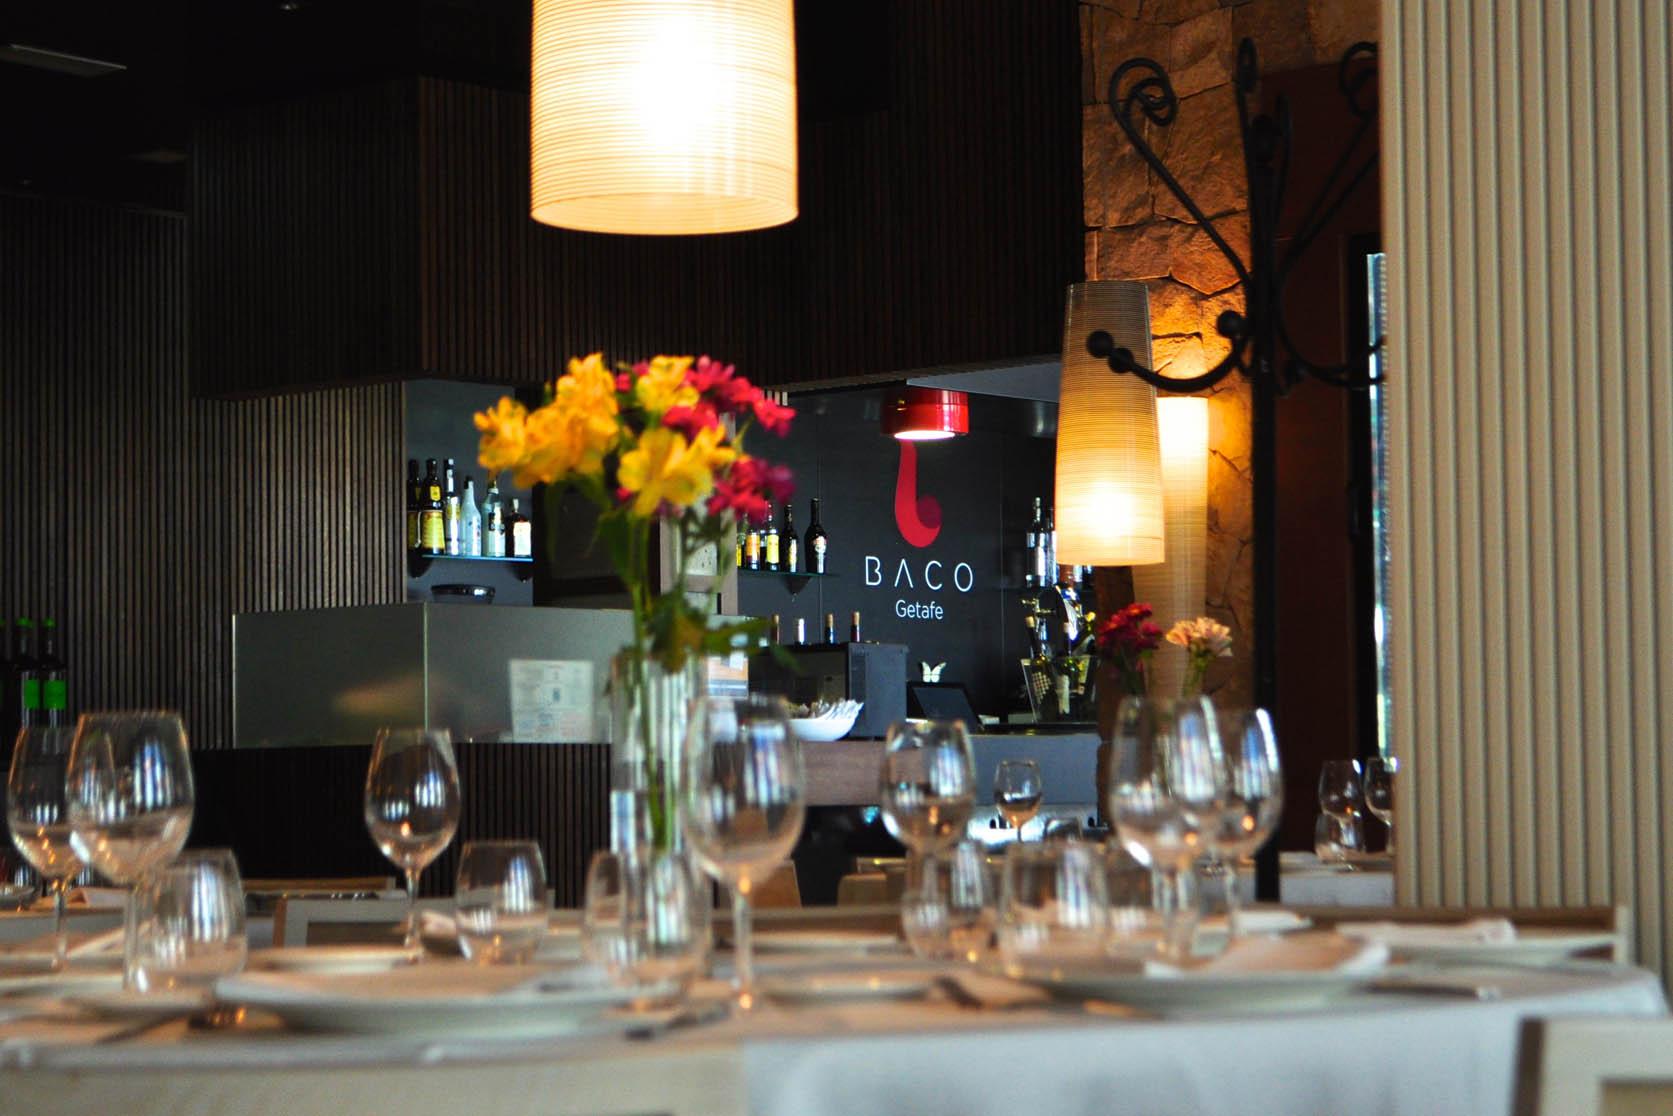 Baco restaurante getafe restaurante moderno elegante y - Vinotecas madrid centro ...